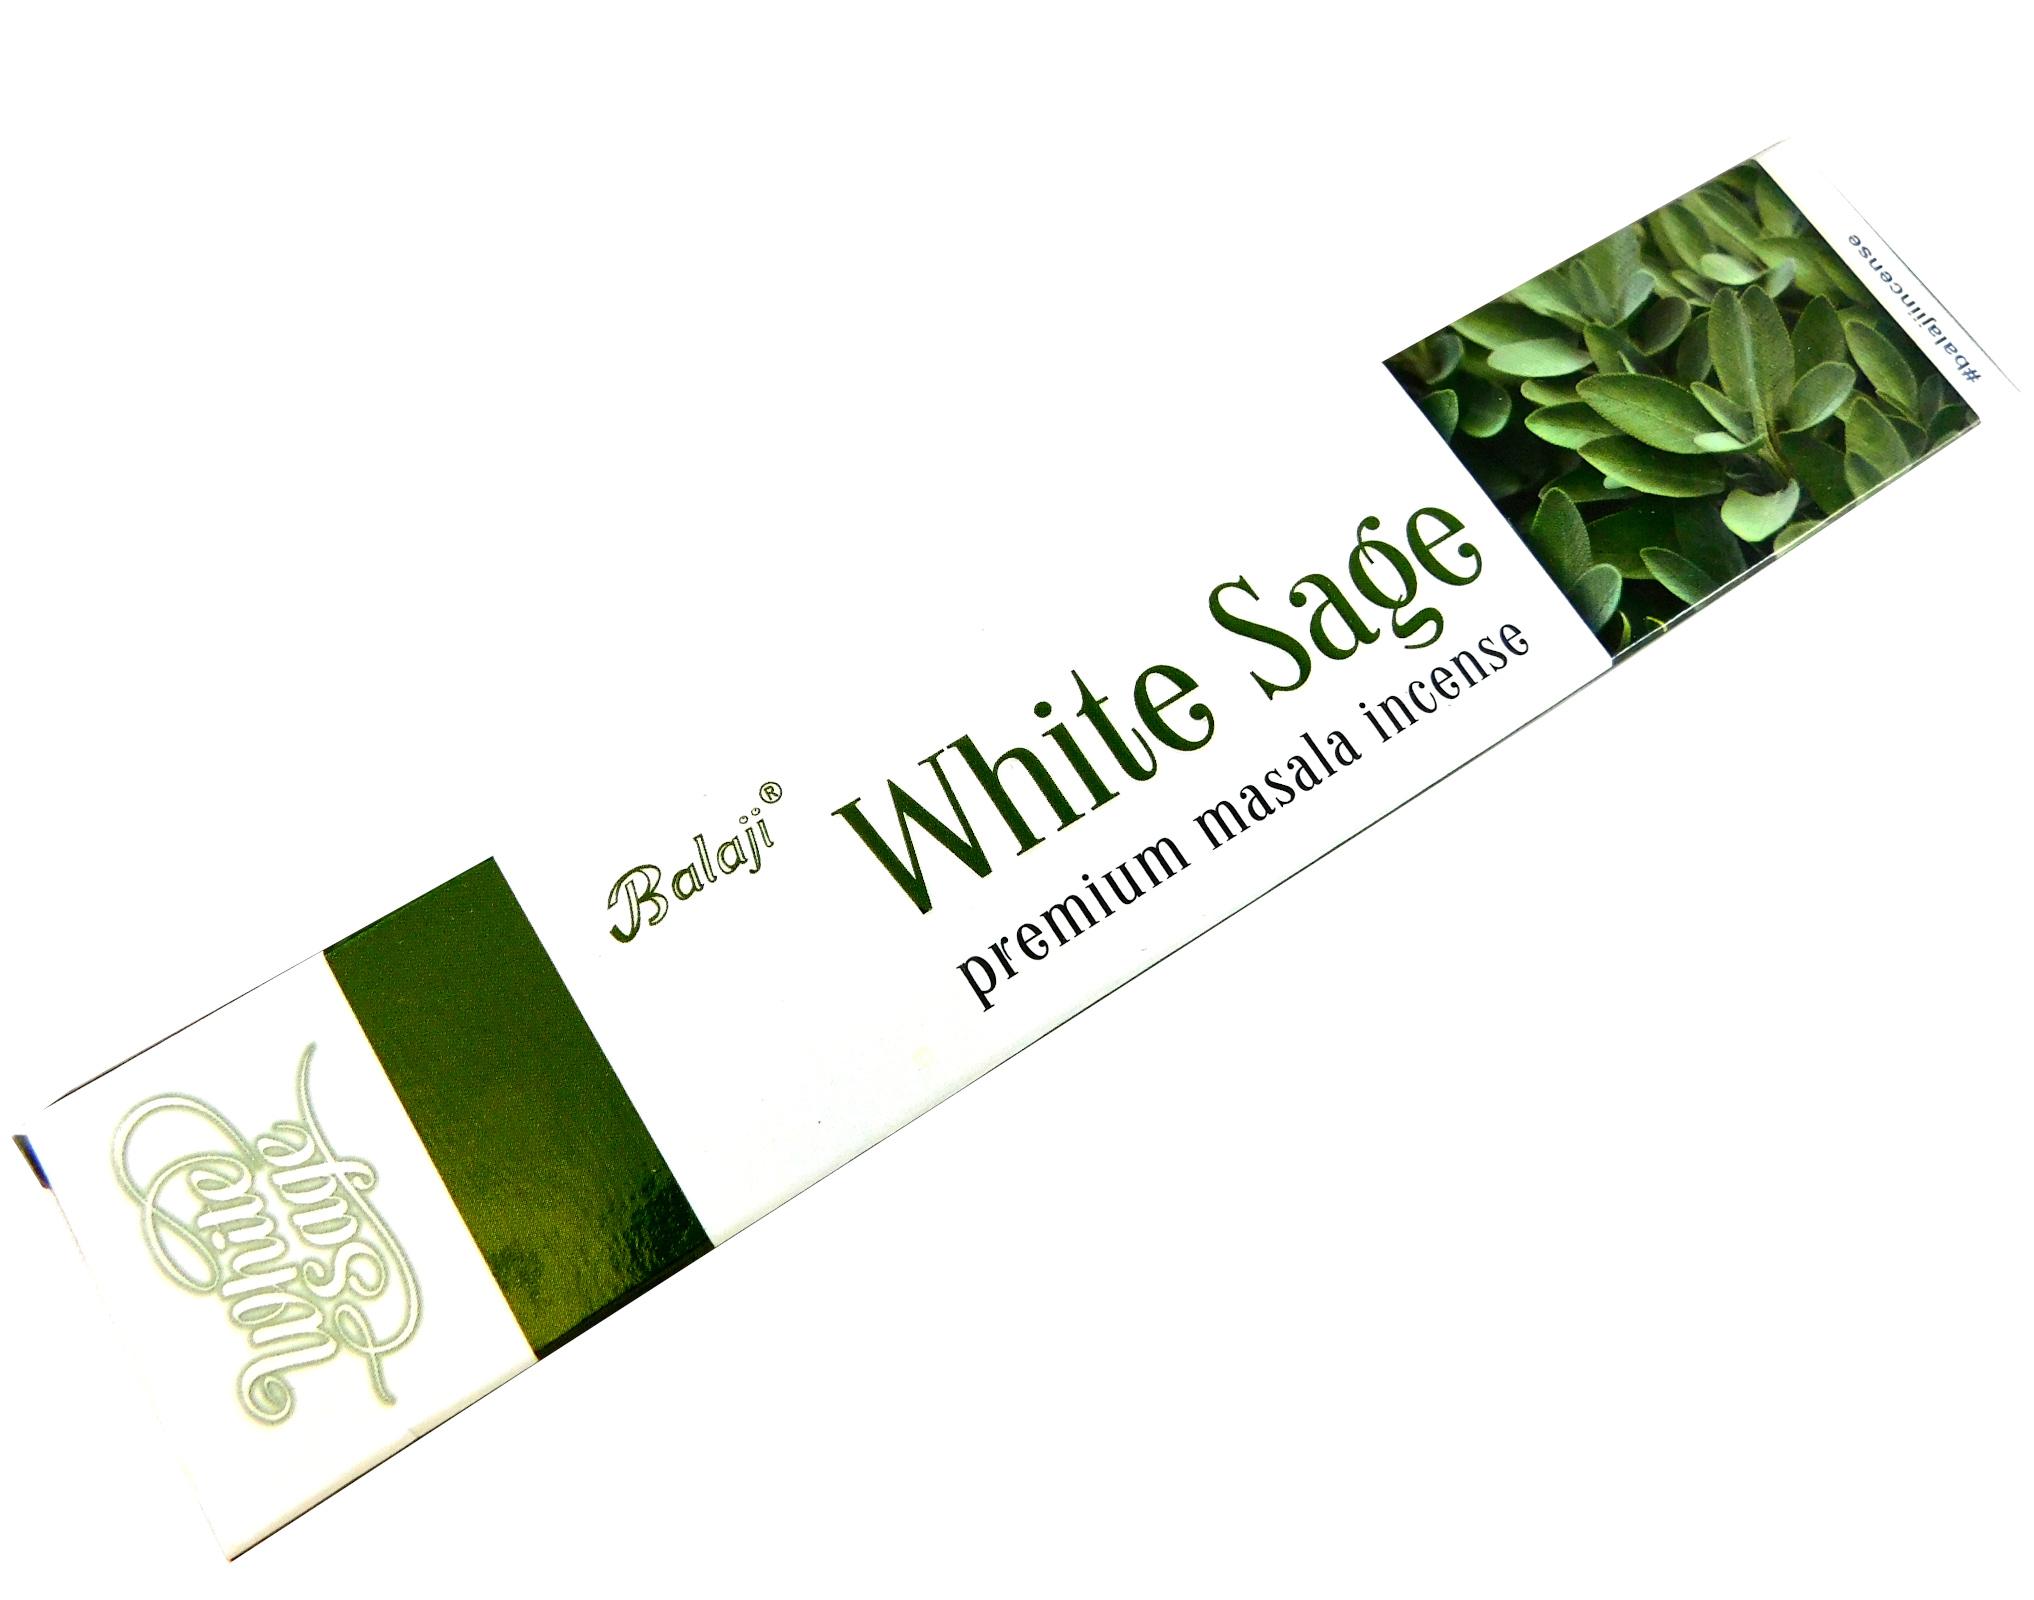 Räucherstäbchen Balaji White Sage 15g Packung. Ca. 15 Incence Sticks